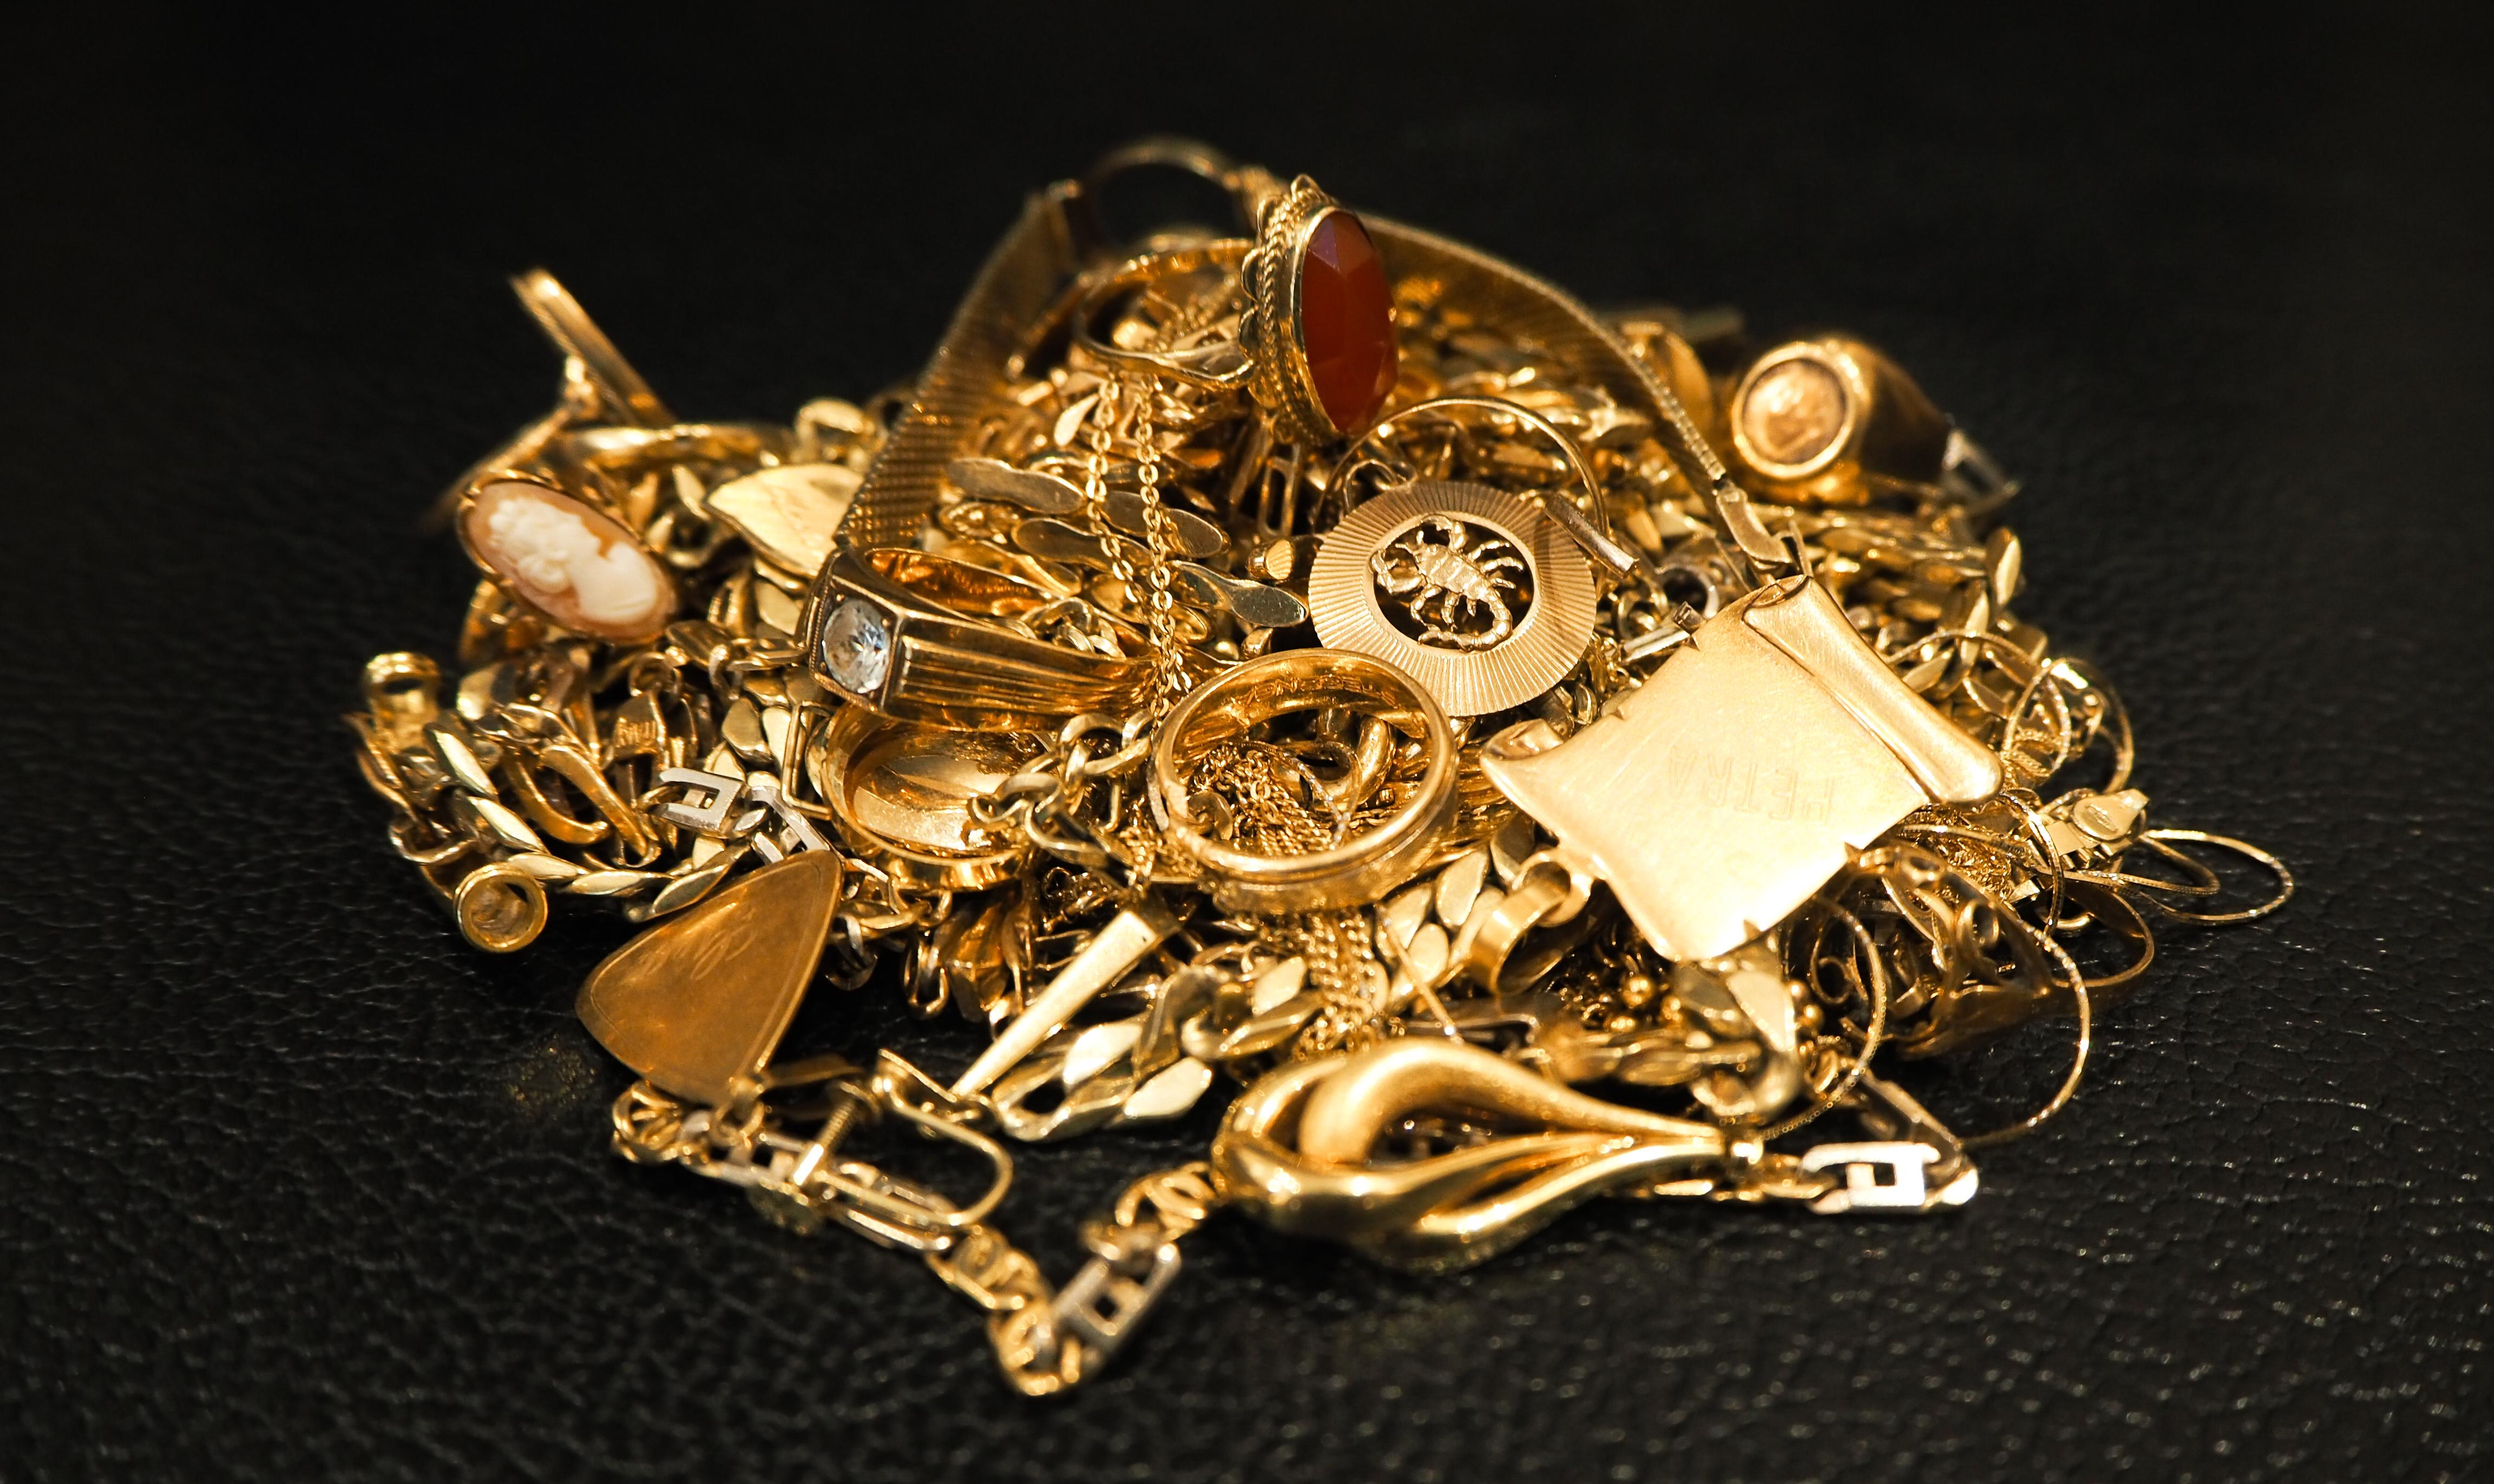 Oud goud inleveren bij Wolters Juweliers Coevorden Emmen